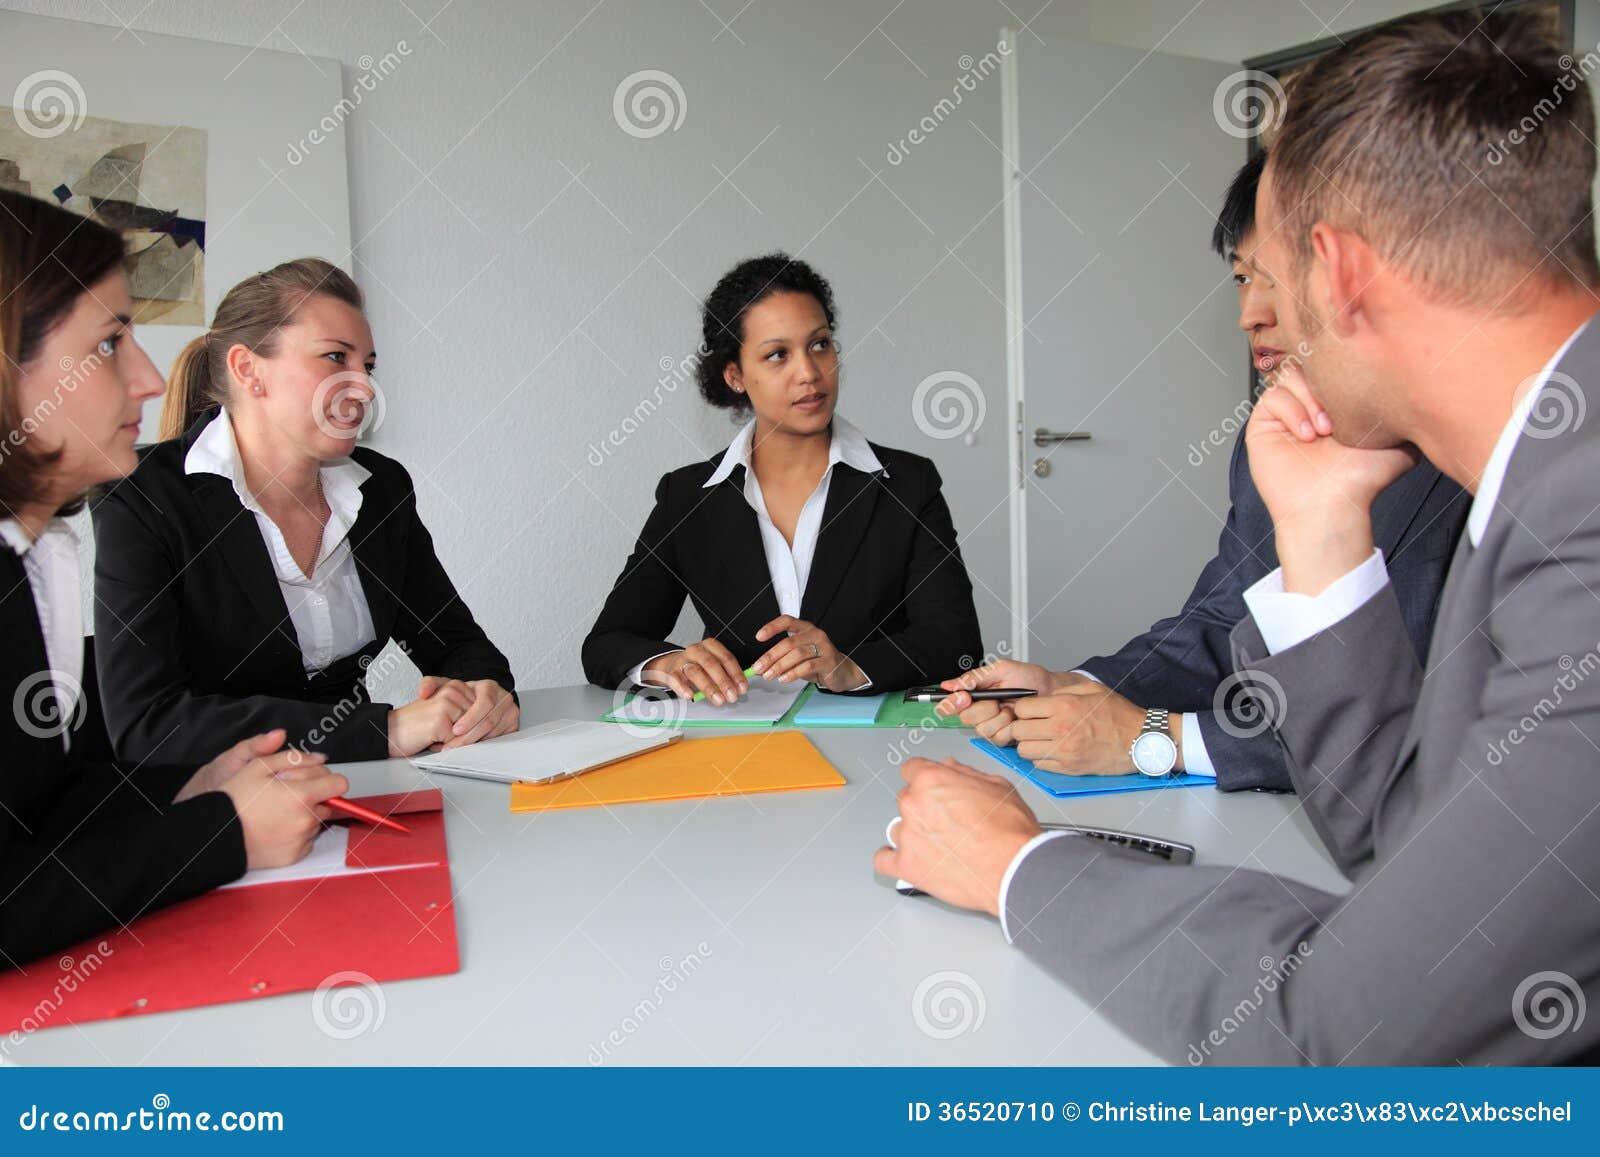 Jeune équipe consacrée d affaires lors d une réunion